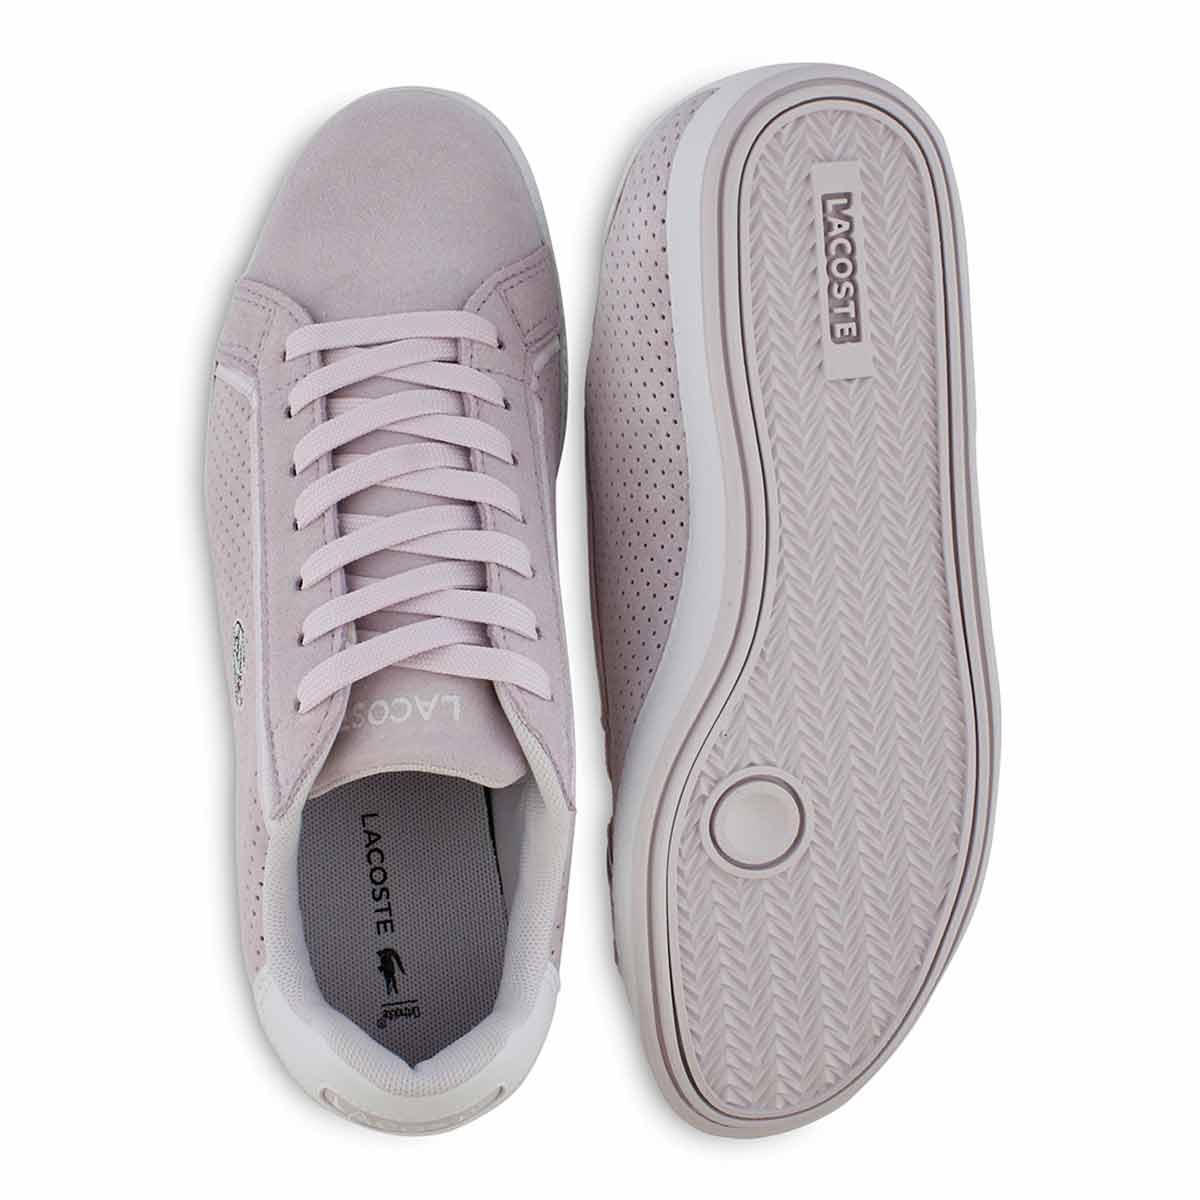 Lds Graduate 119 4 lt pur/wht sneaker